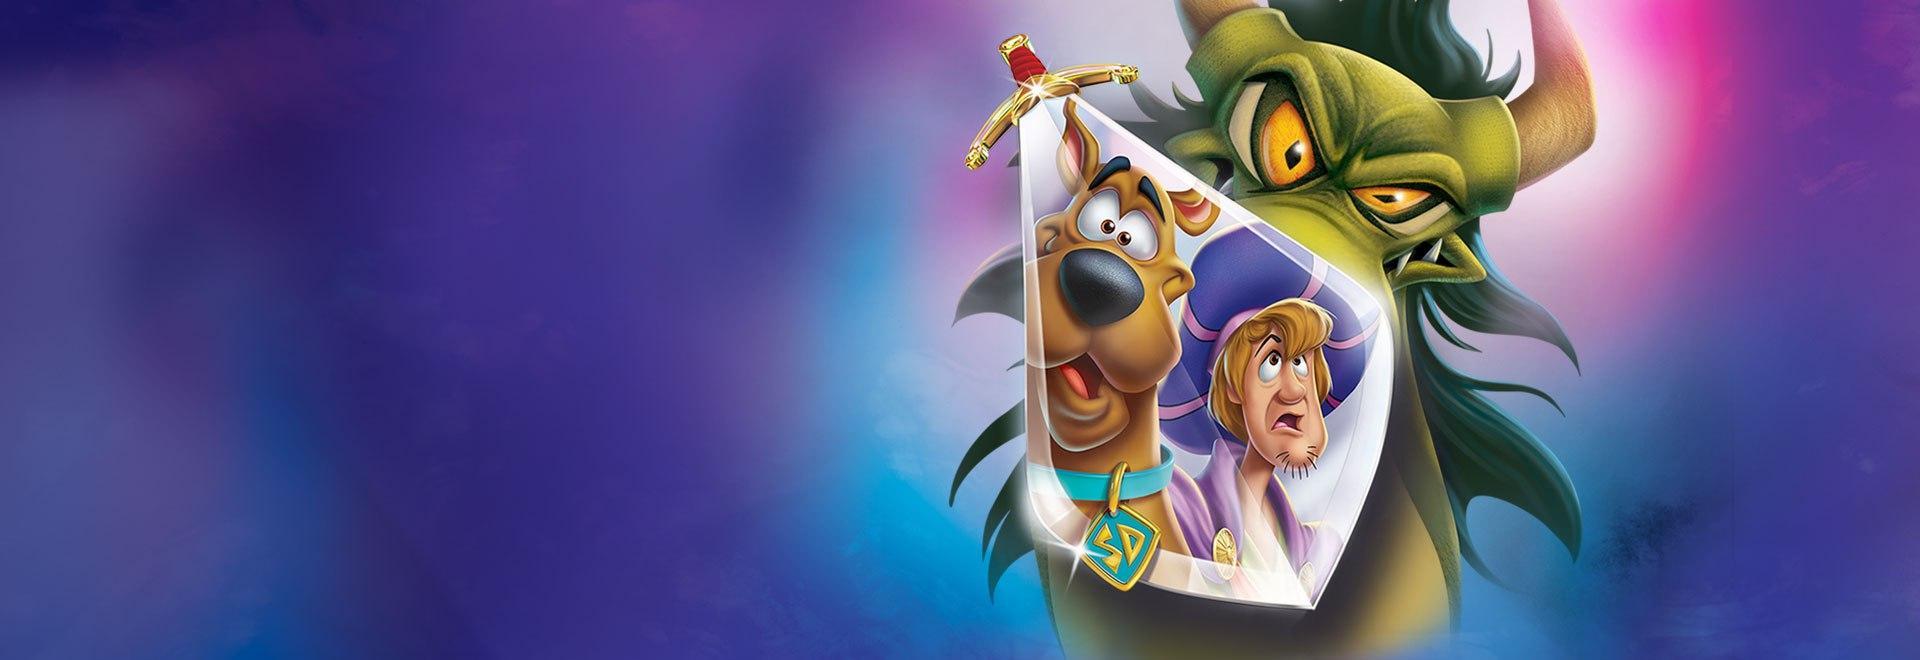 Scooby-Doo alla corte di Re Artù